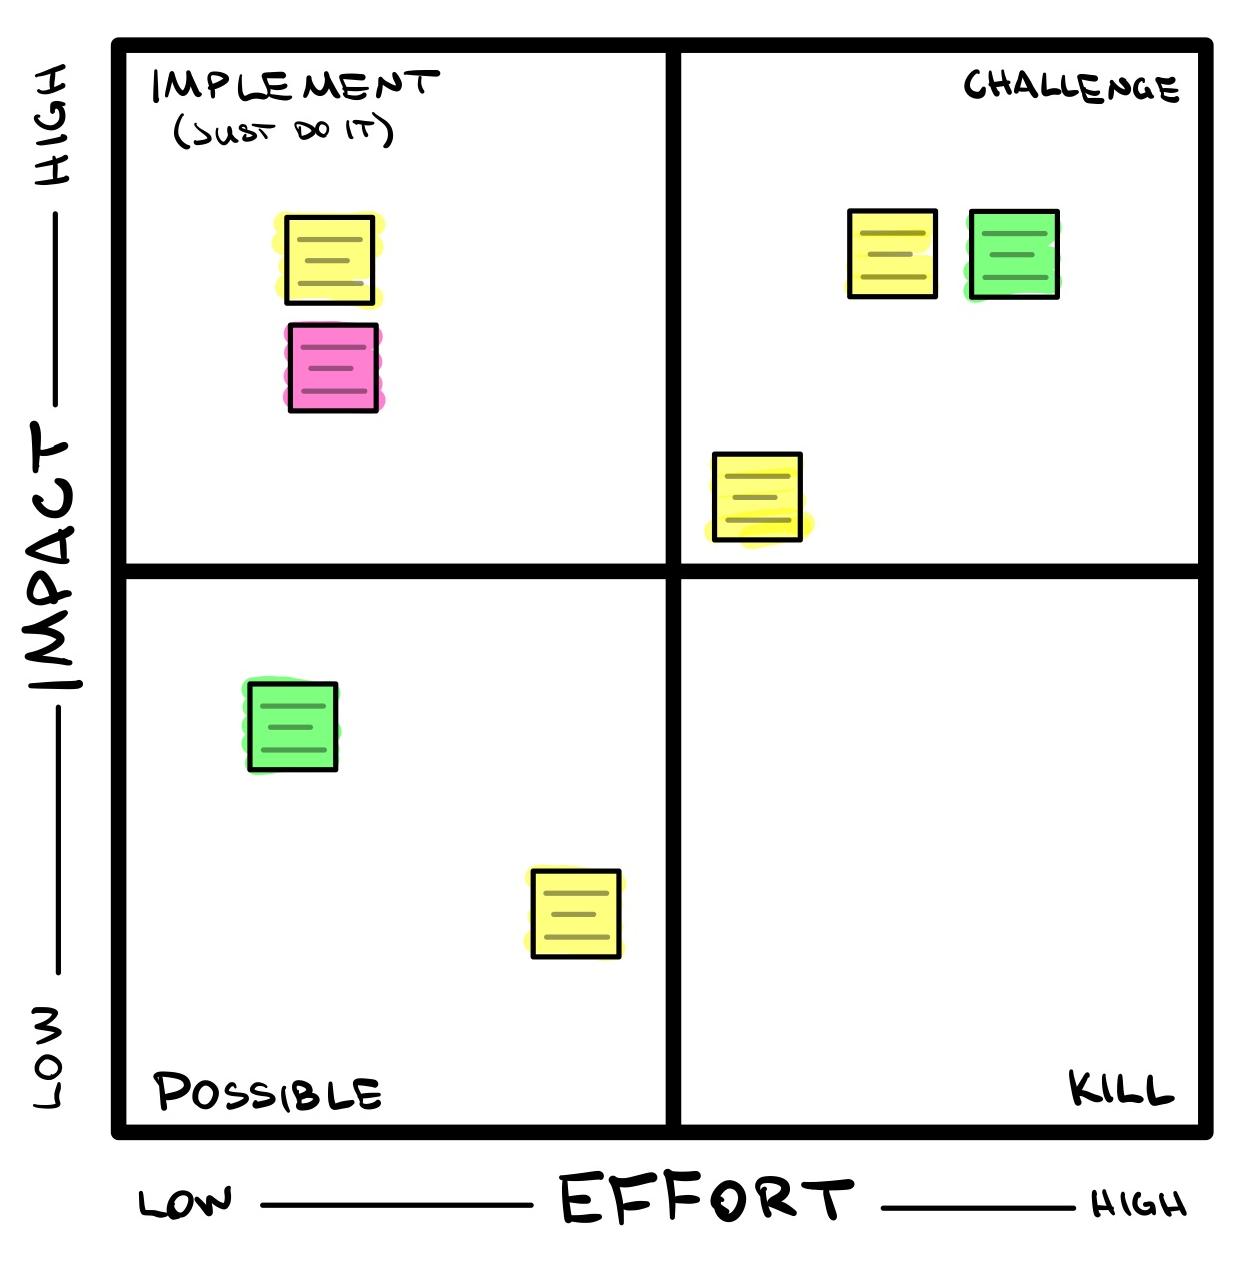 Image of a PICK chart.